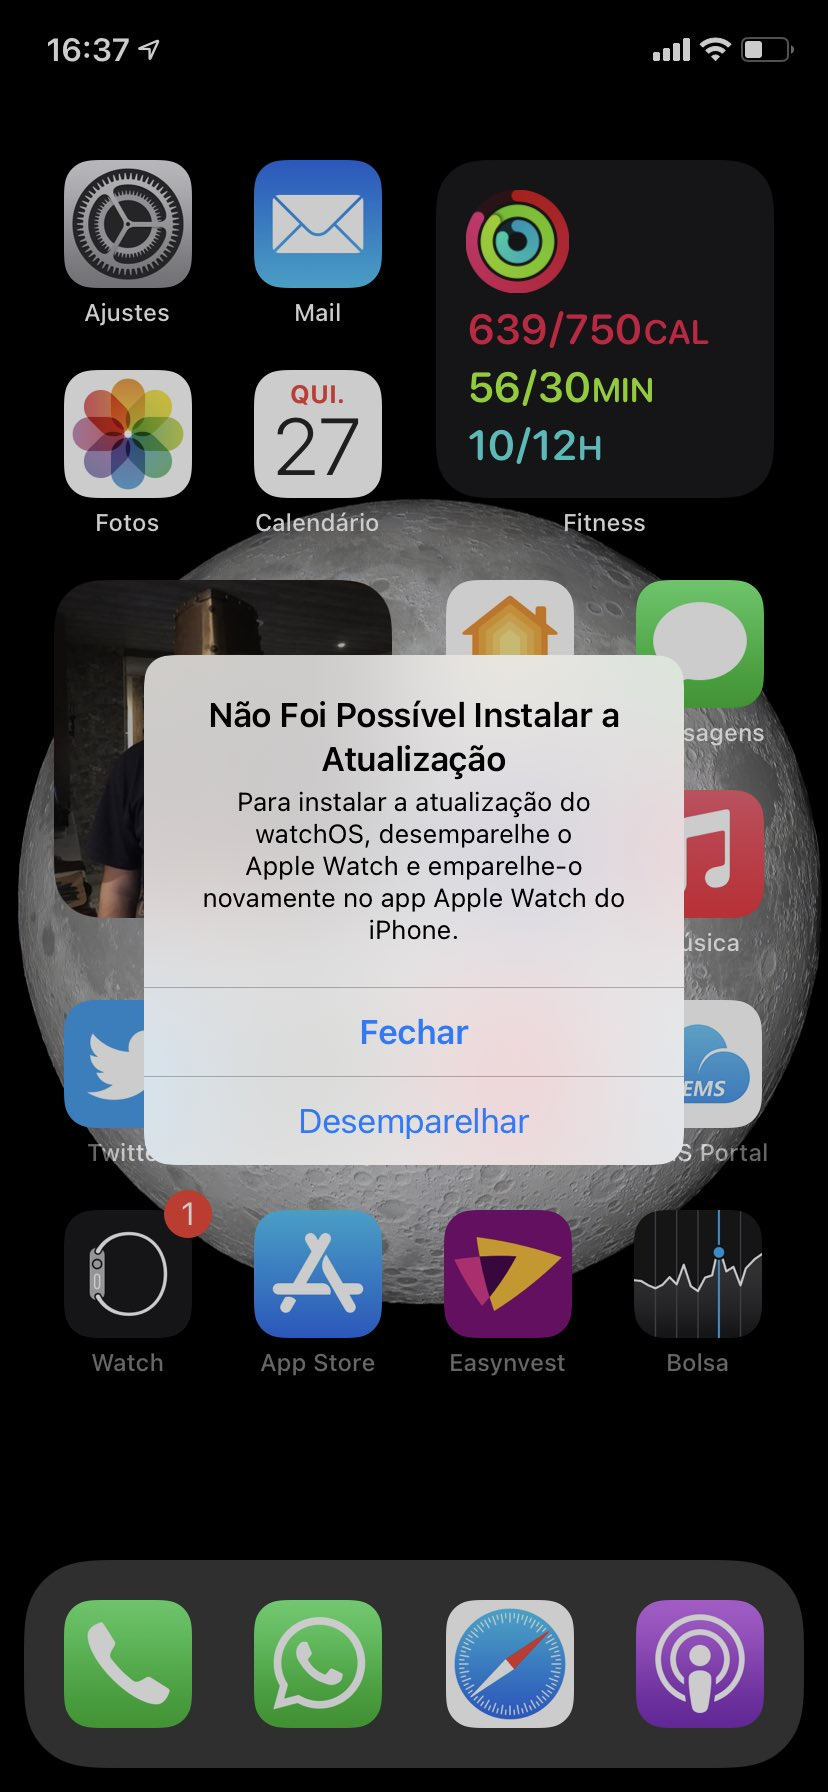 iOS 14.6 et watchOS Mise A Jour Apple Watch Series 3 iOS 14.6 indique aux utilisateurs dApple Watch Series 3 de restaurer leur montre avant la mise à jour